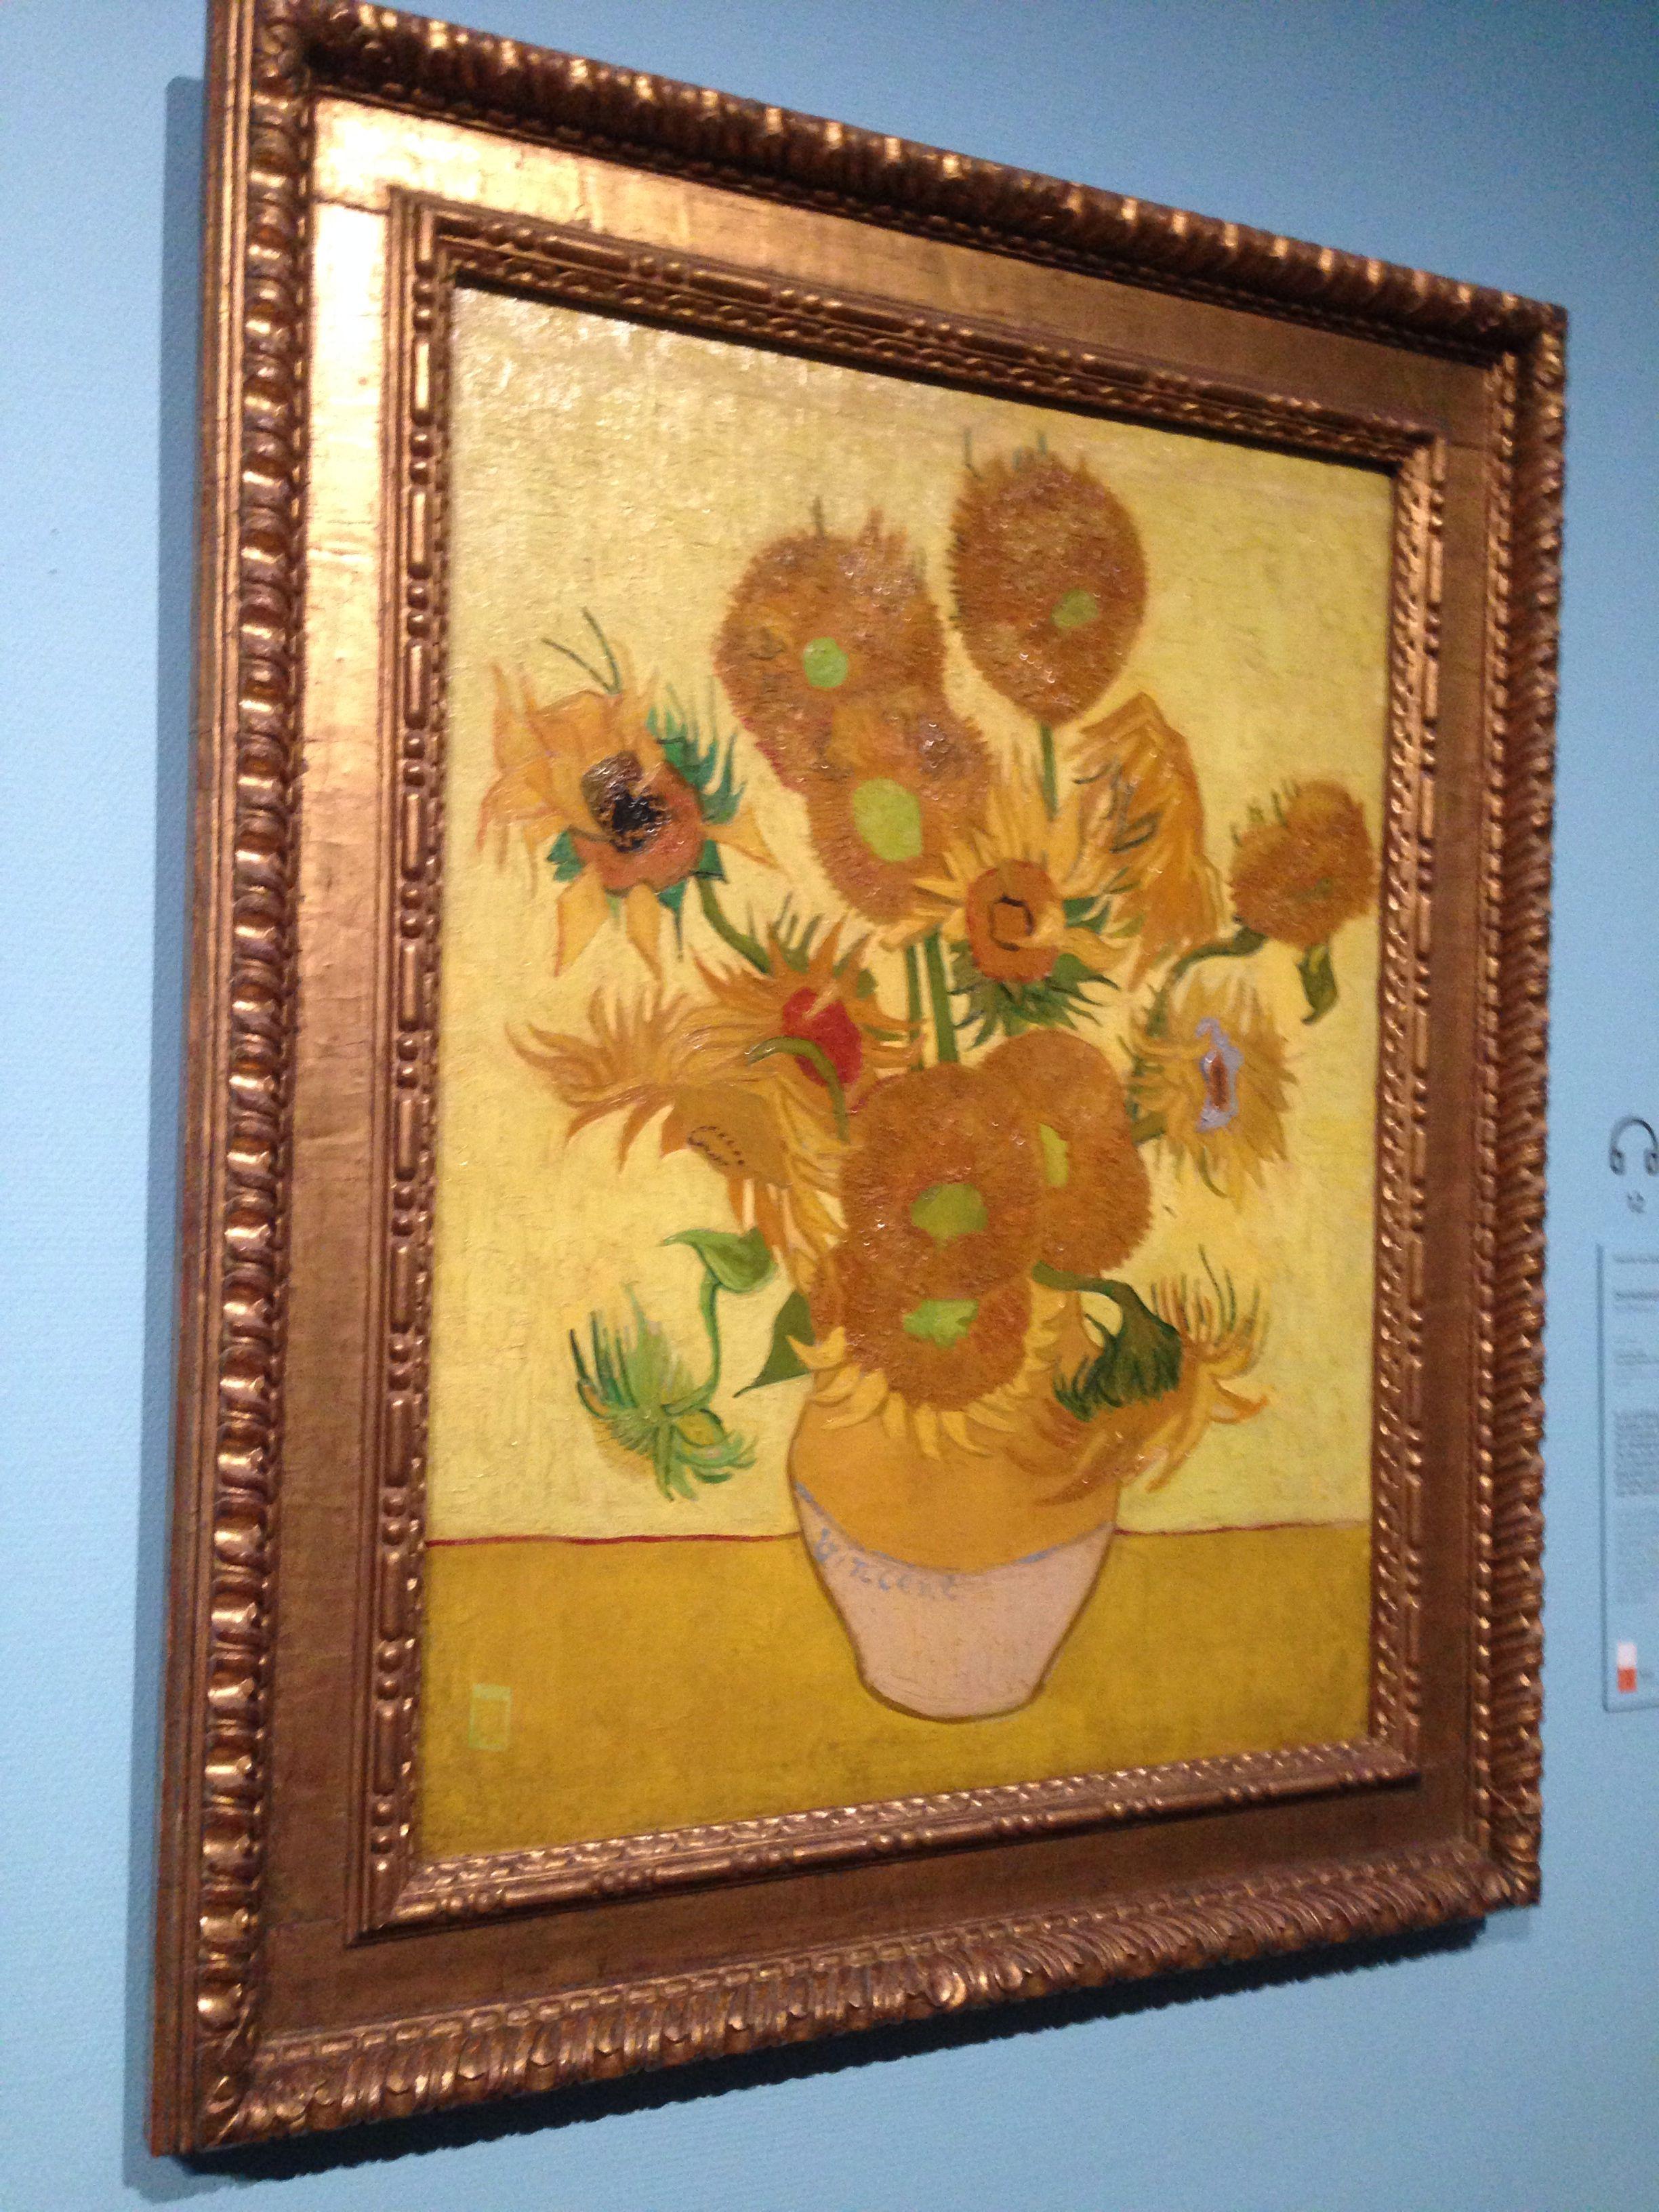 Girasoli sono una serie di dipinti ad olio su tela realizzati tra il 1888 e il 1889